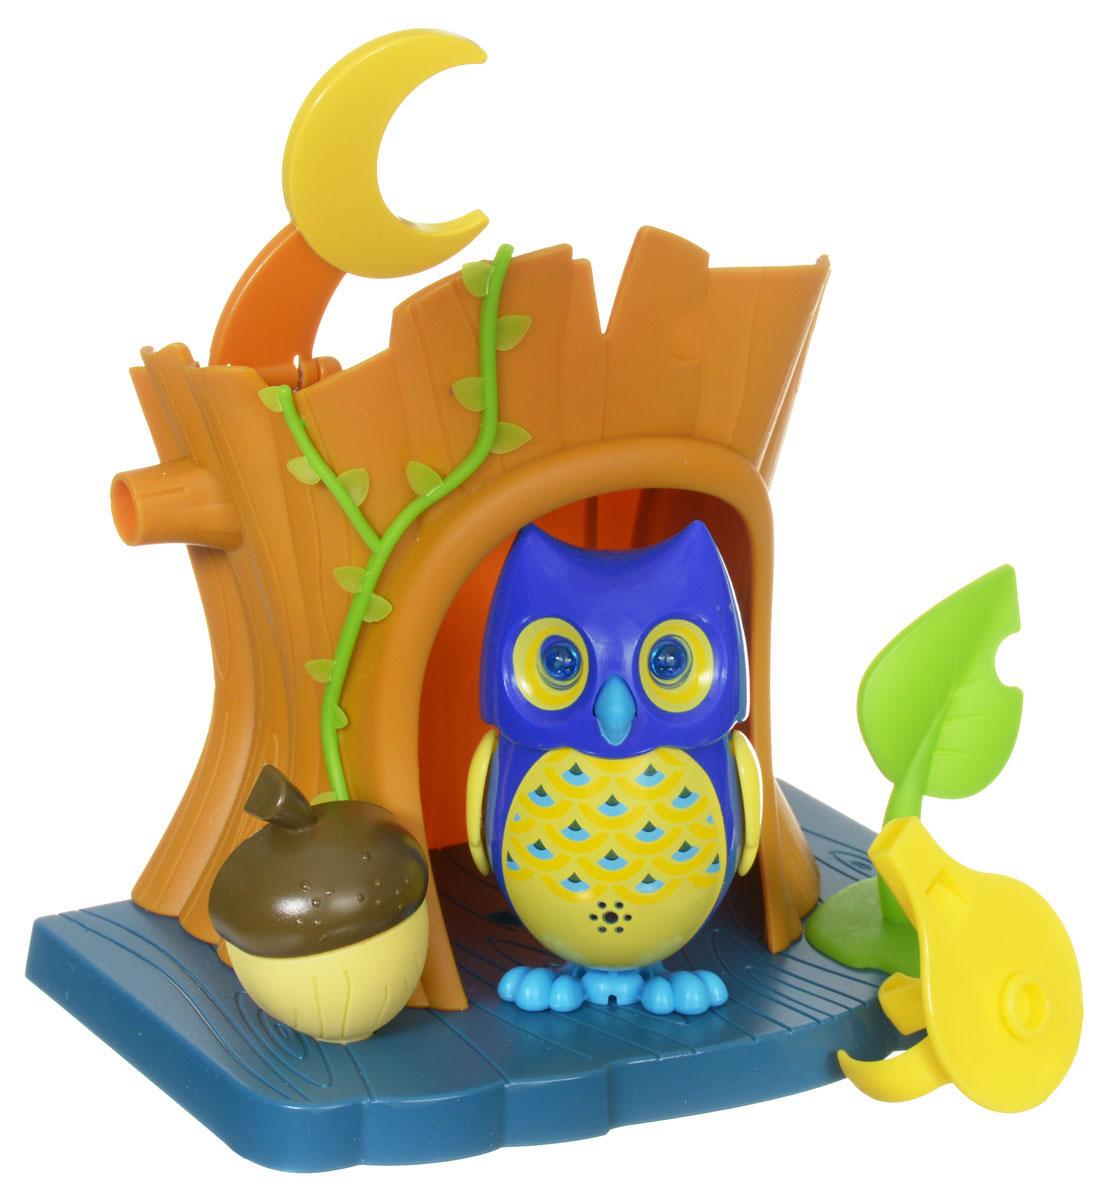 DigiFriends Интерактивная игрушка Сова с домиком цвет синий желтый88359_синий,желтыйИнтерактивная игрушка DigiFriends Сова с домиком подарит ребенку множество незабываемых игр. Птичка умеет петь как соло, так и в хоре - вместе с другими птичками. Уютный домик для совы имеет главный вход и заднюю дверь. К крыше домика приделан месяц, который поднимается, и тогда наступает ночь. Рядом с домиком расположен желудь и листик. Если поднять листик, то под ним можно обнаружить забавную букашку. Чтобы активировать режим проигрывания мелодий и птичьего щебета, достаточно посвистеть в свисток, имеющийся в комплекте. Кольцо-свисток может быть использовано в качестве насеста-переноски. Игрушка издает 55 вариантов мелодий и звуков. Голова птички двигается в такт мелодии, а клюв - открывается. Глаза совы светятся. Игрушка может спеть вместе со всеми персонажами DigiFriends в режиме хор. Птичка, которую активировали первой, становится солистом. Управлять пением пернатой звезды или целым хором - исключительно увлекательное занятие, которое надолго привлечёт...